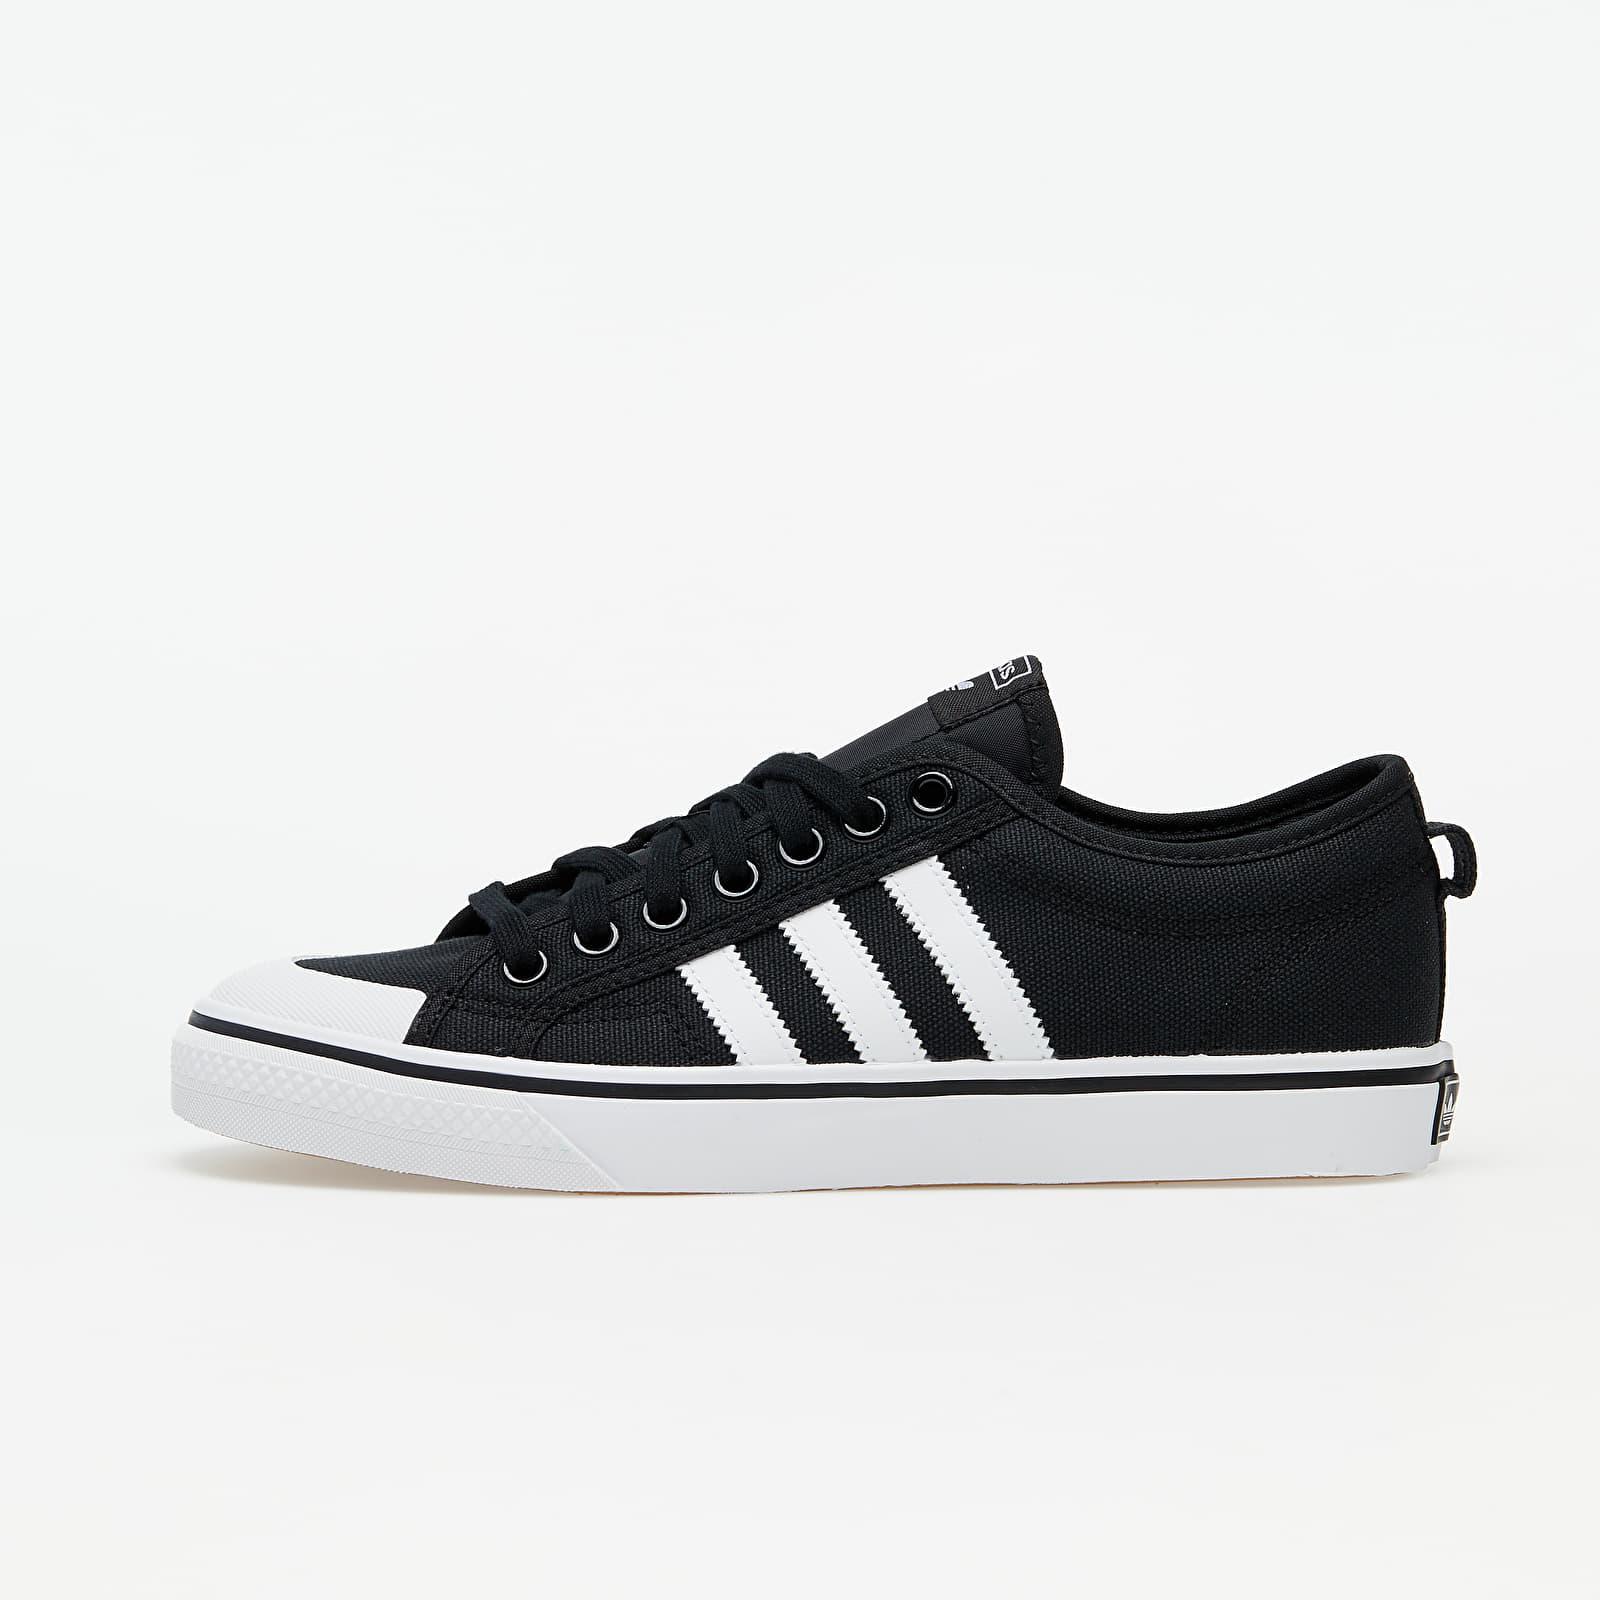 Scarpe e sneaker da uomo adidas Nizza Core Black/ Ftw White/ Ftw White